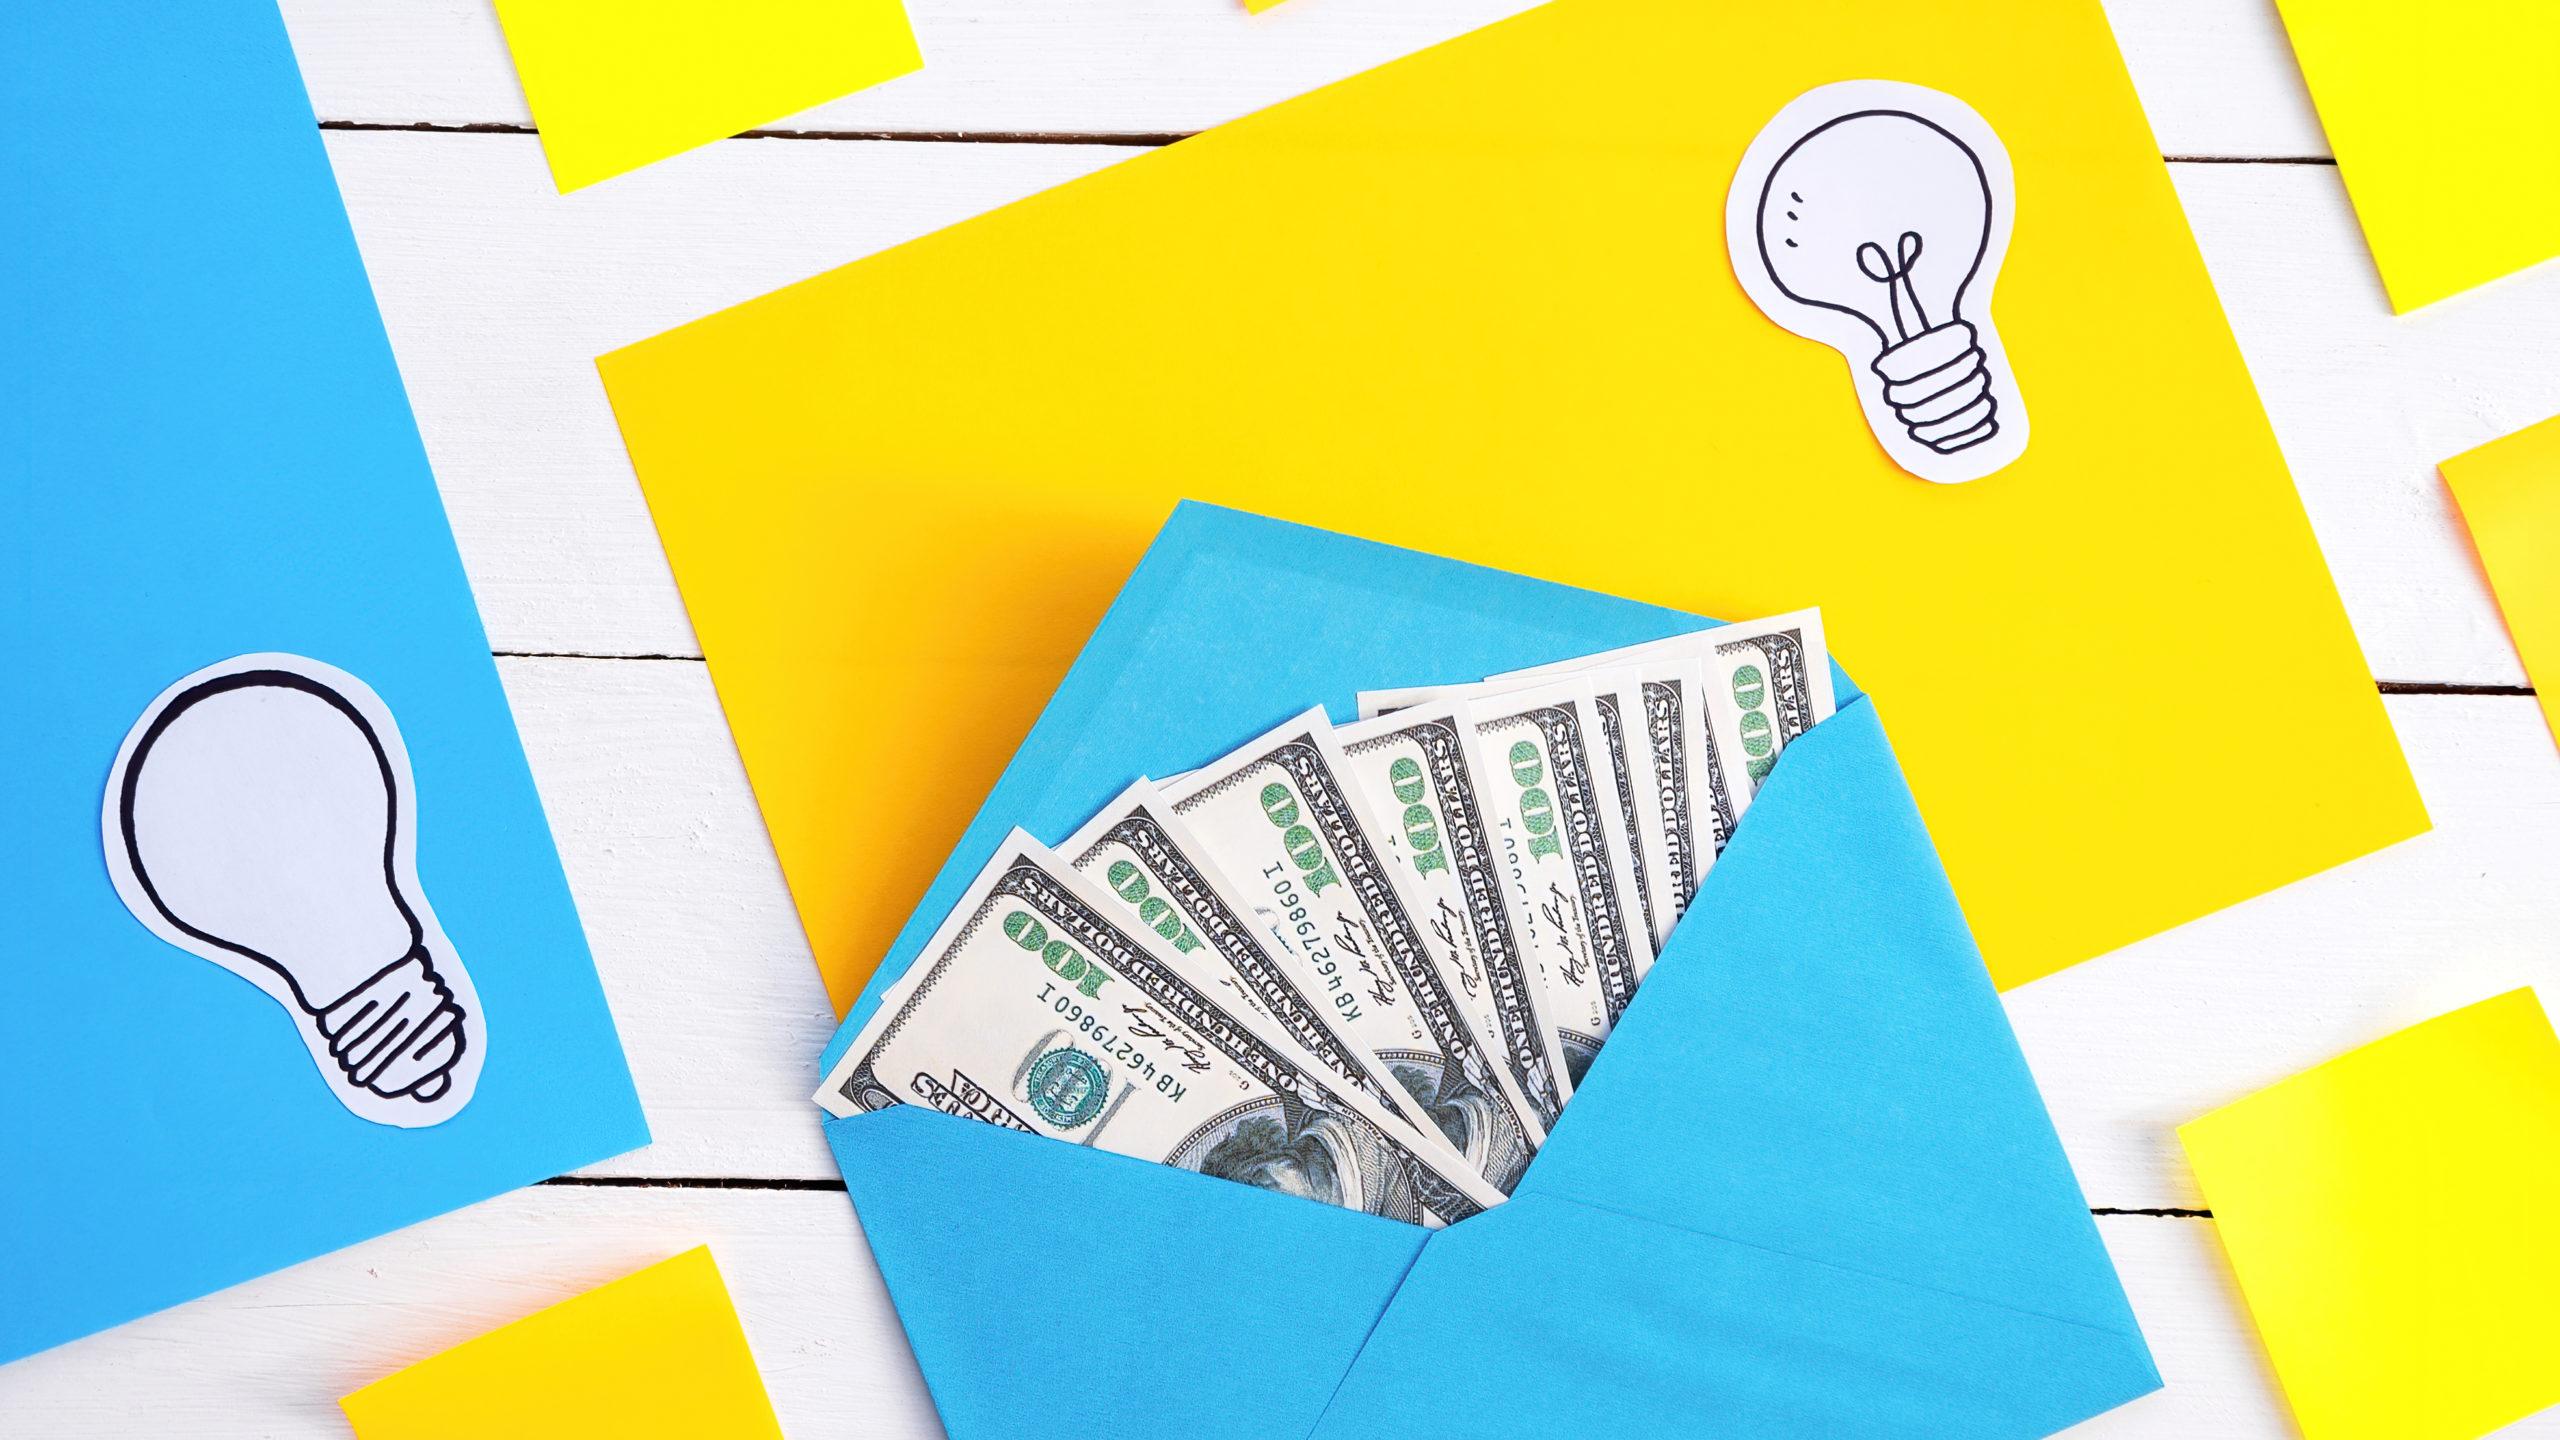 Что делать, если доход небольшой? Как увеличивать? Куда двигаться и с чего начинать?